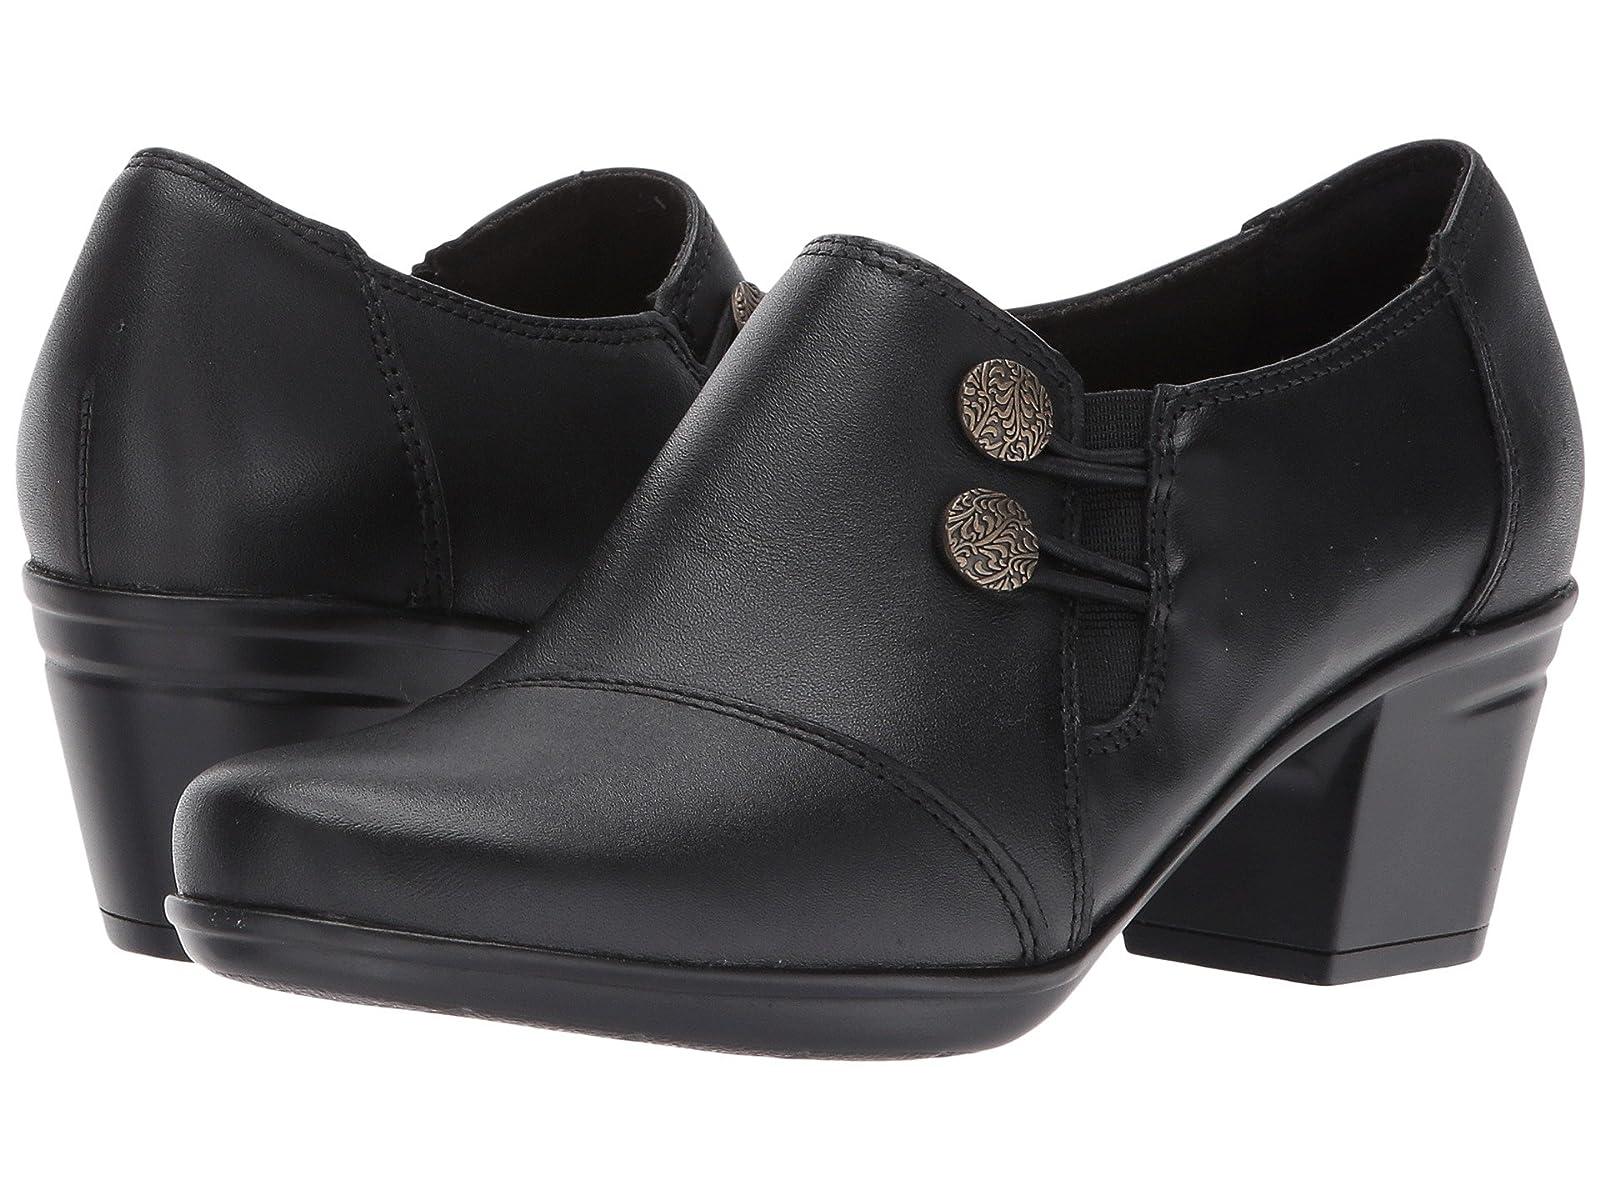 Clarks Emslie WarrenAtmospheric grades have affordable shoes